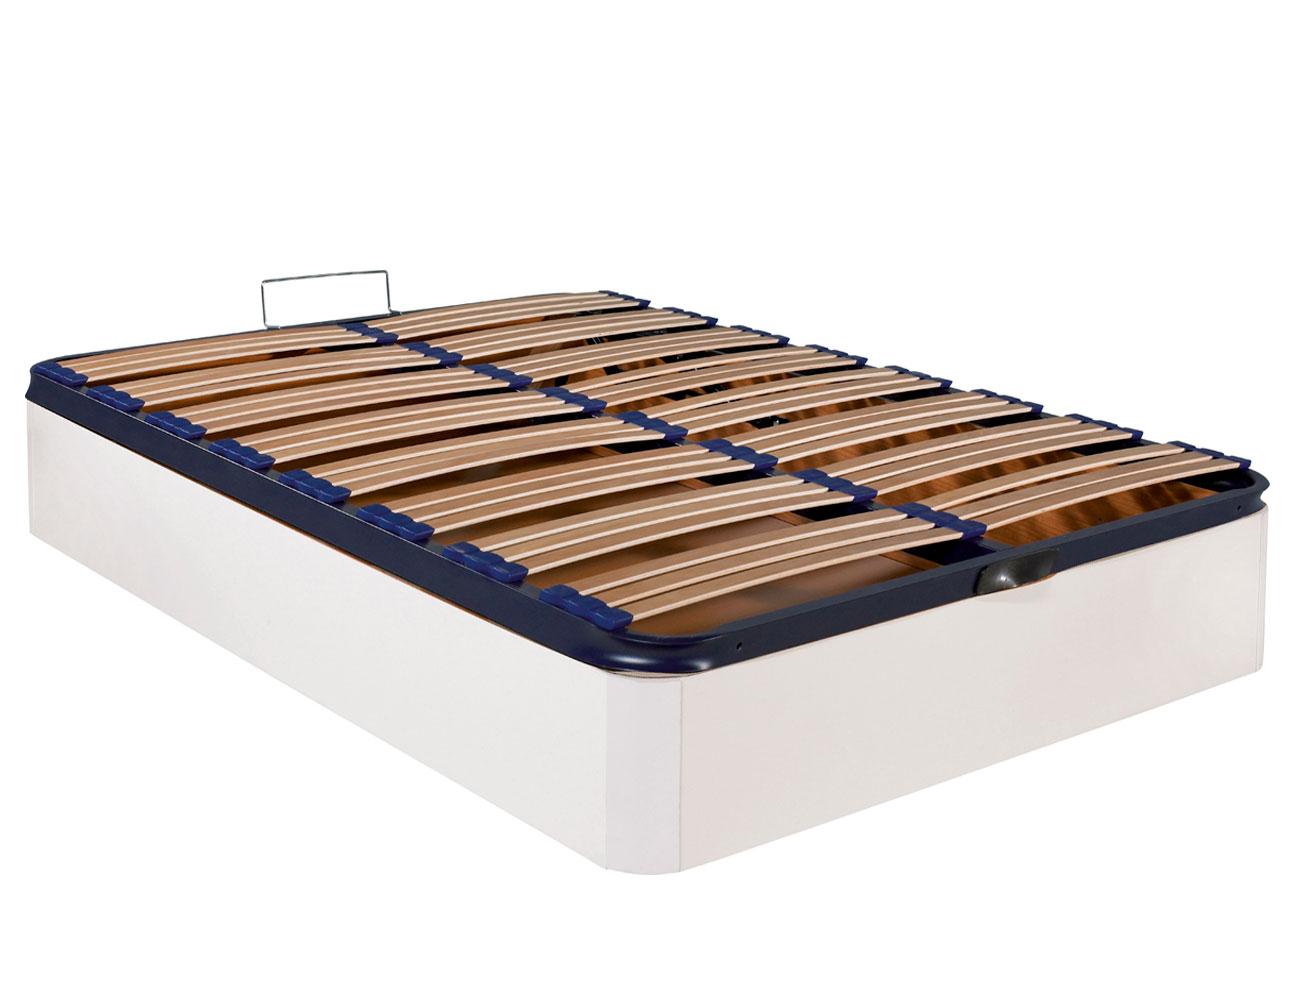 Canape madera blanco somier multilaminas barato ebro cerrado3